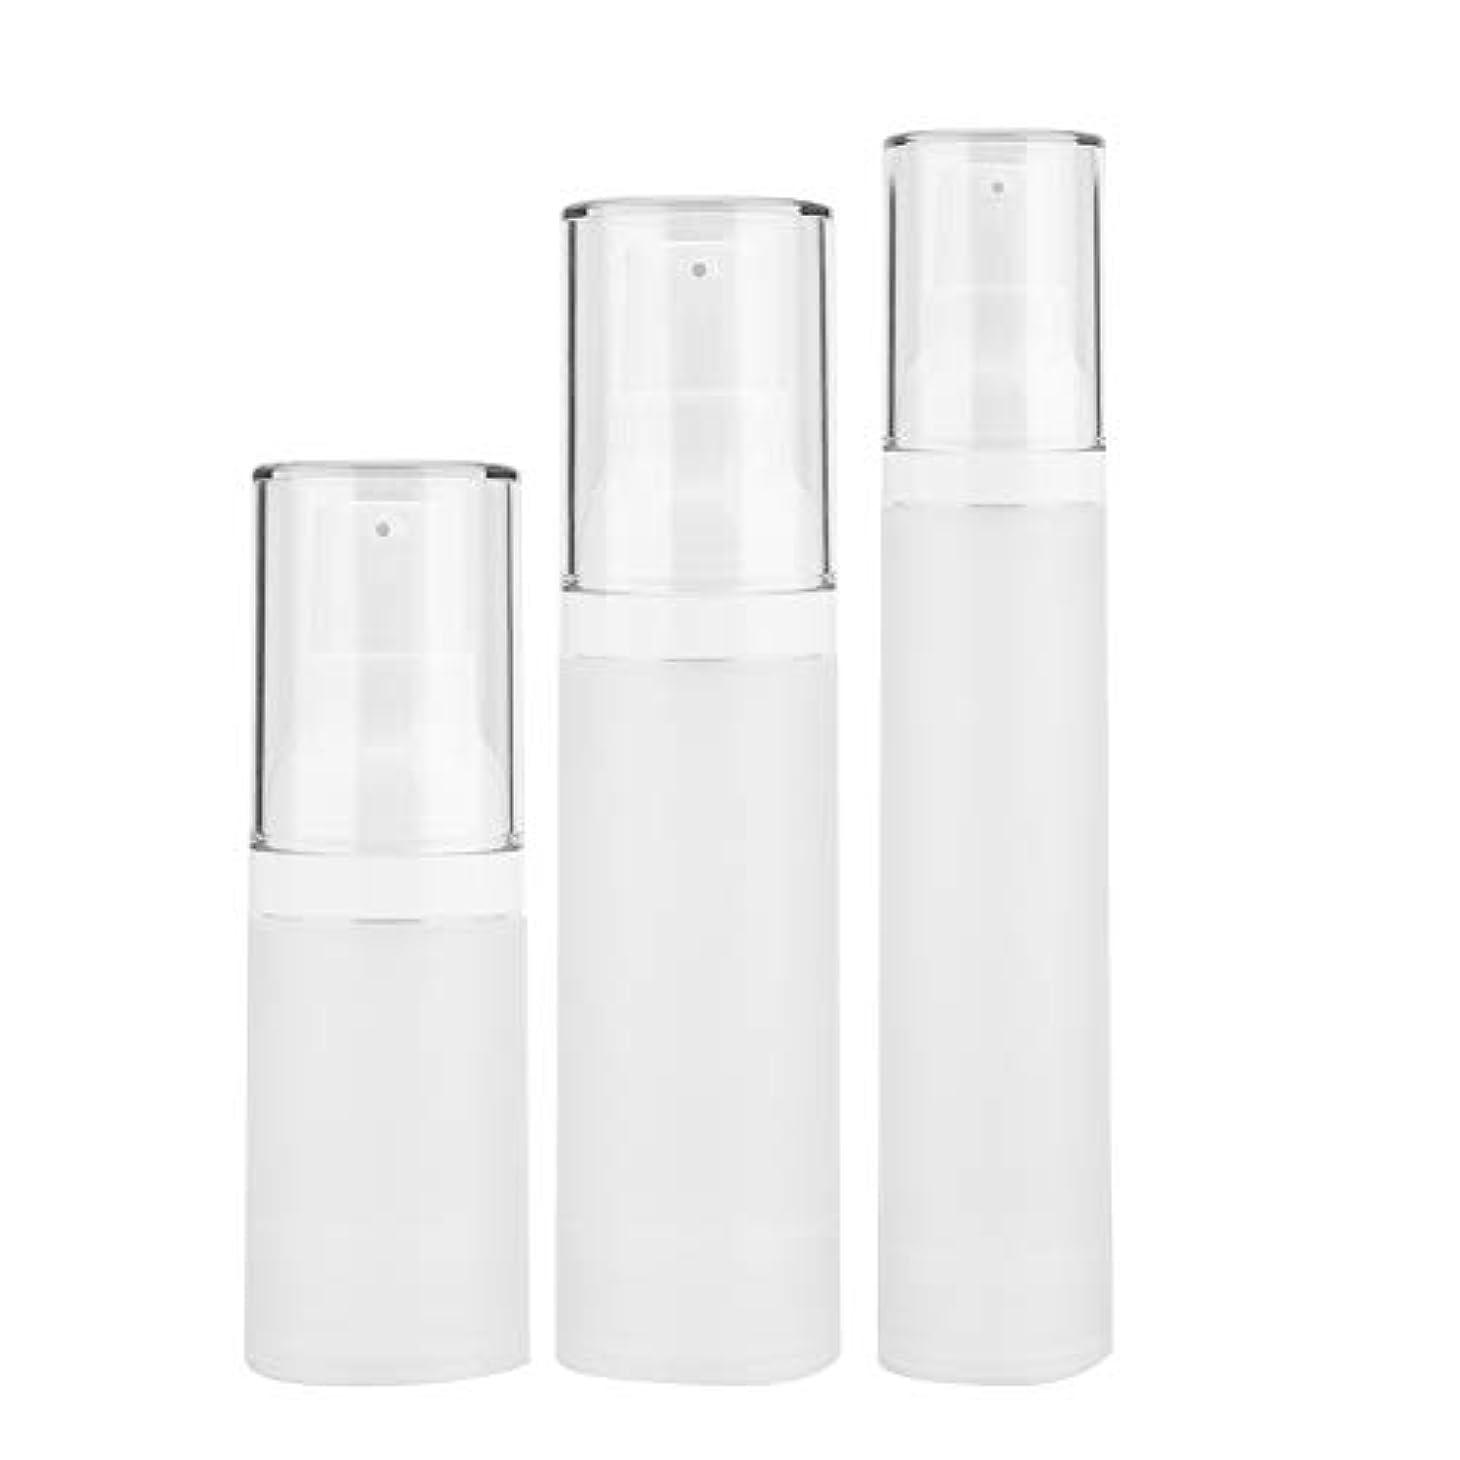 女王印象経営者3本入りトラベルボトルセット - 化粧品旅行用容器、化粧品容器が空の化粧品容器付きペットボトル - シャンプーとスプレー用(3 pcs)